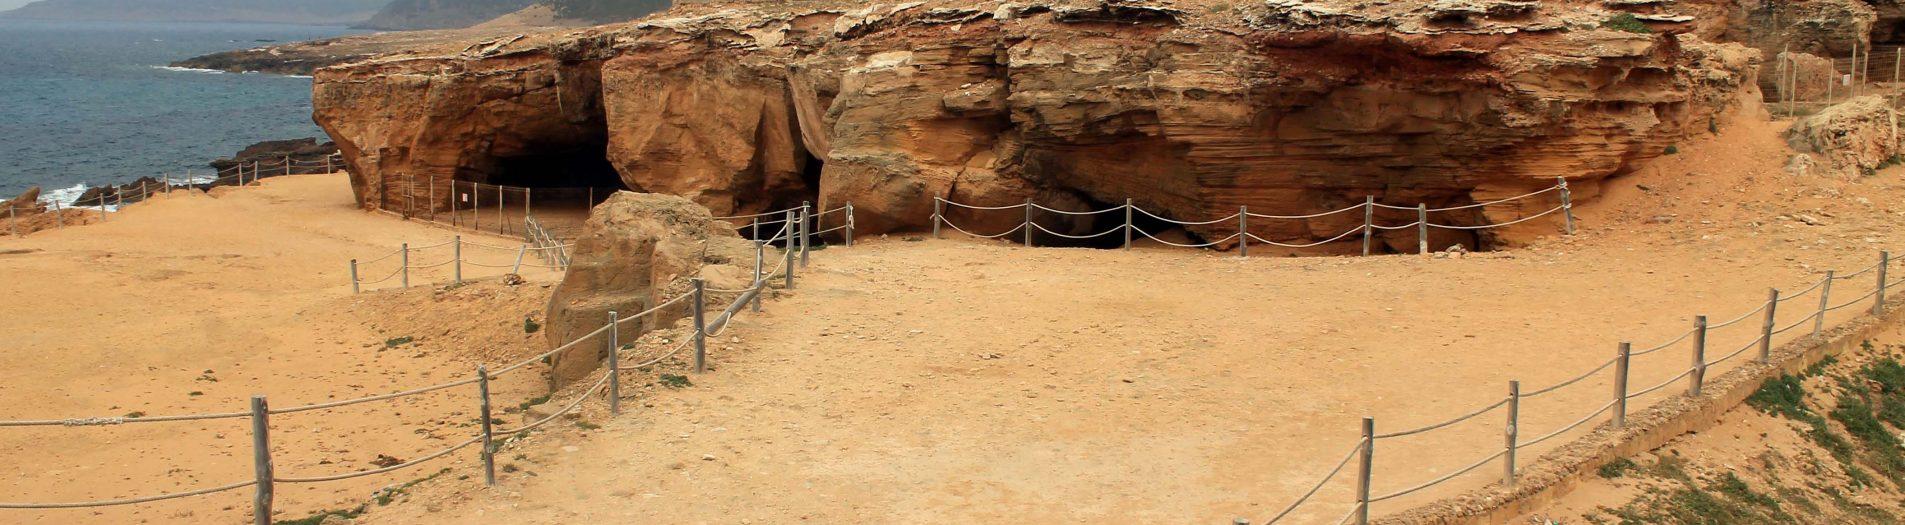 Les grottes d'Haouaria